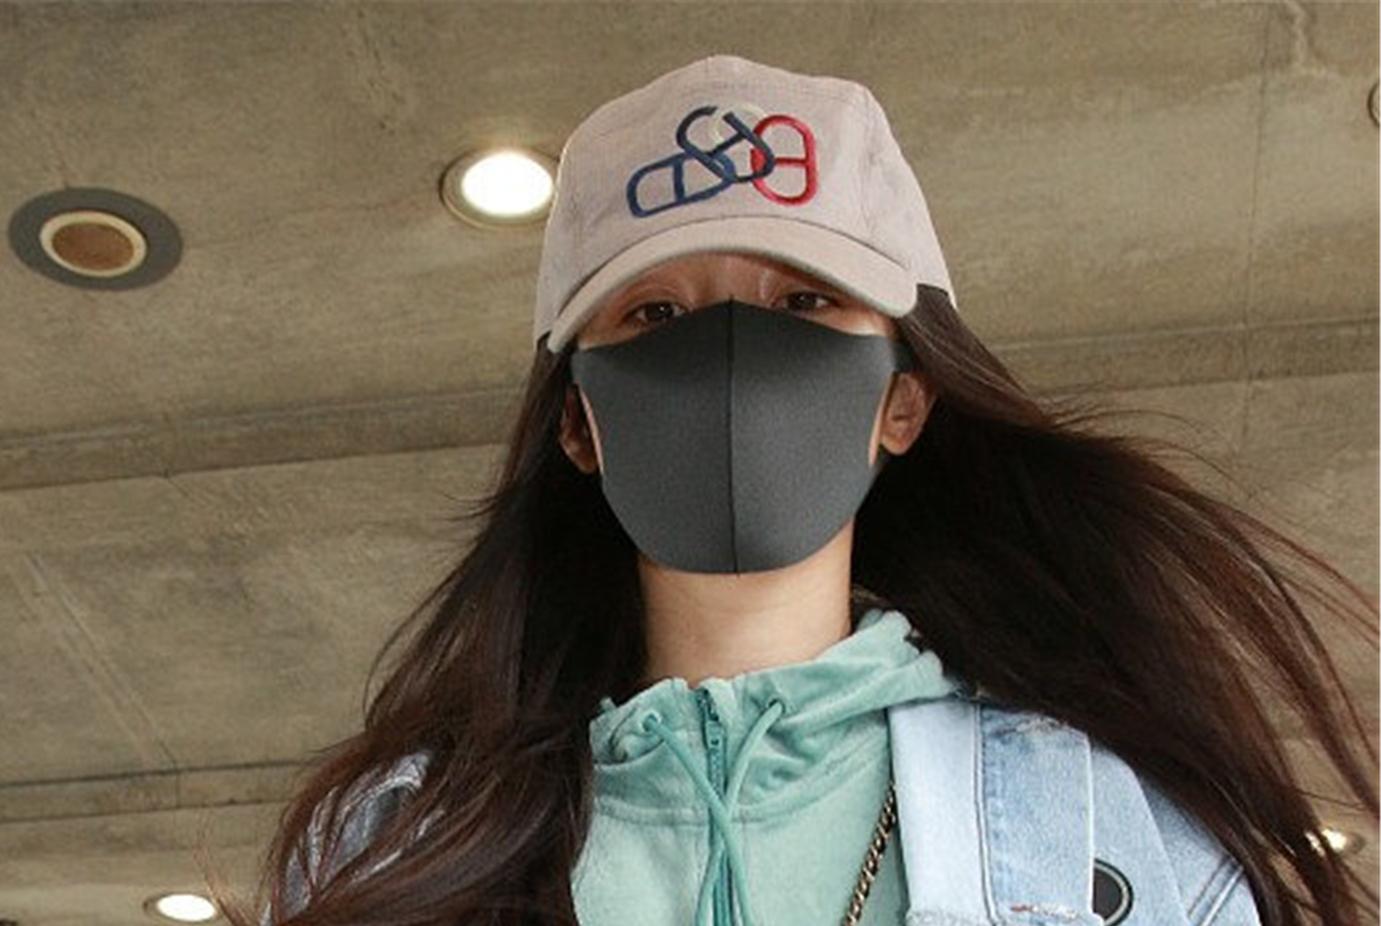 杨幂被爆离婚后首次赴港看望女儿,刘恺威爸爸刘丹却回应并不知情